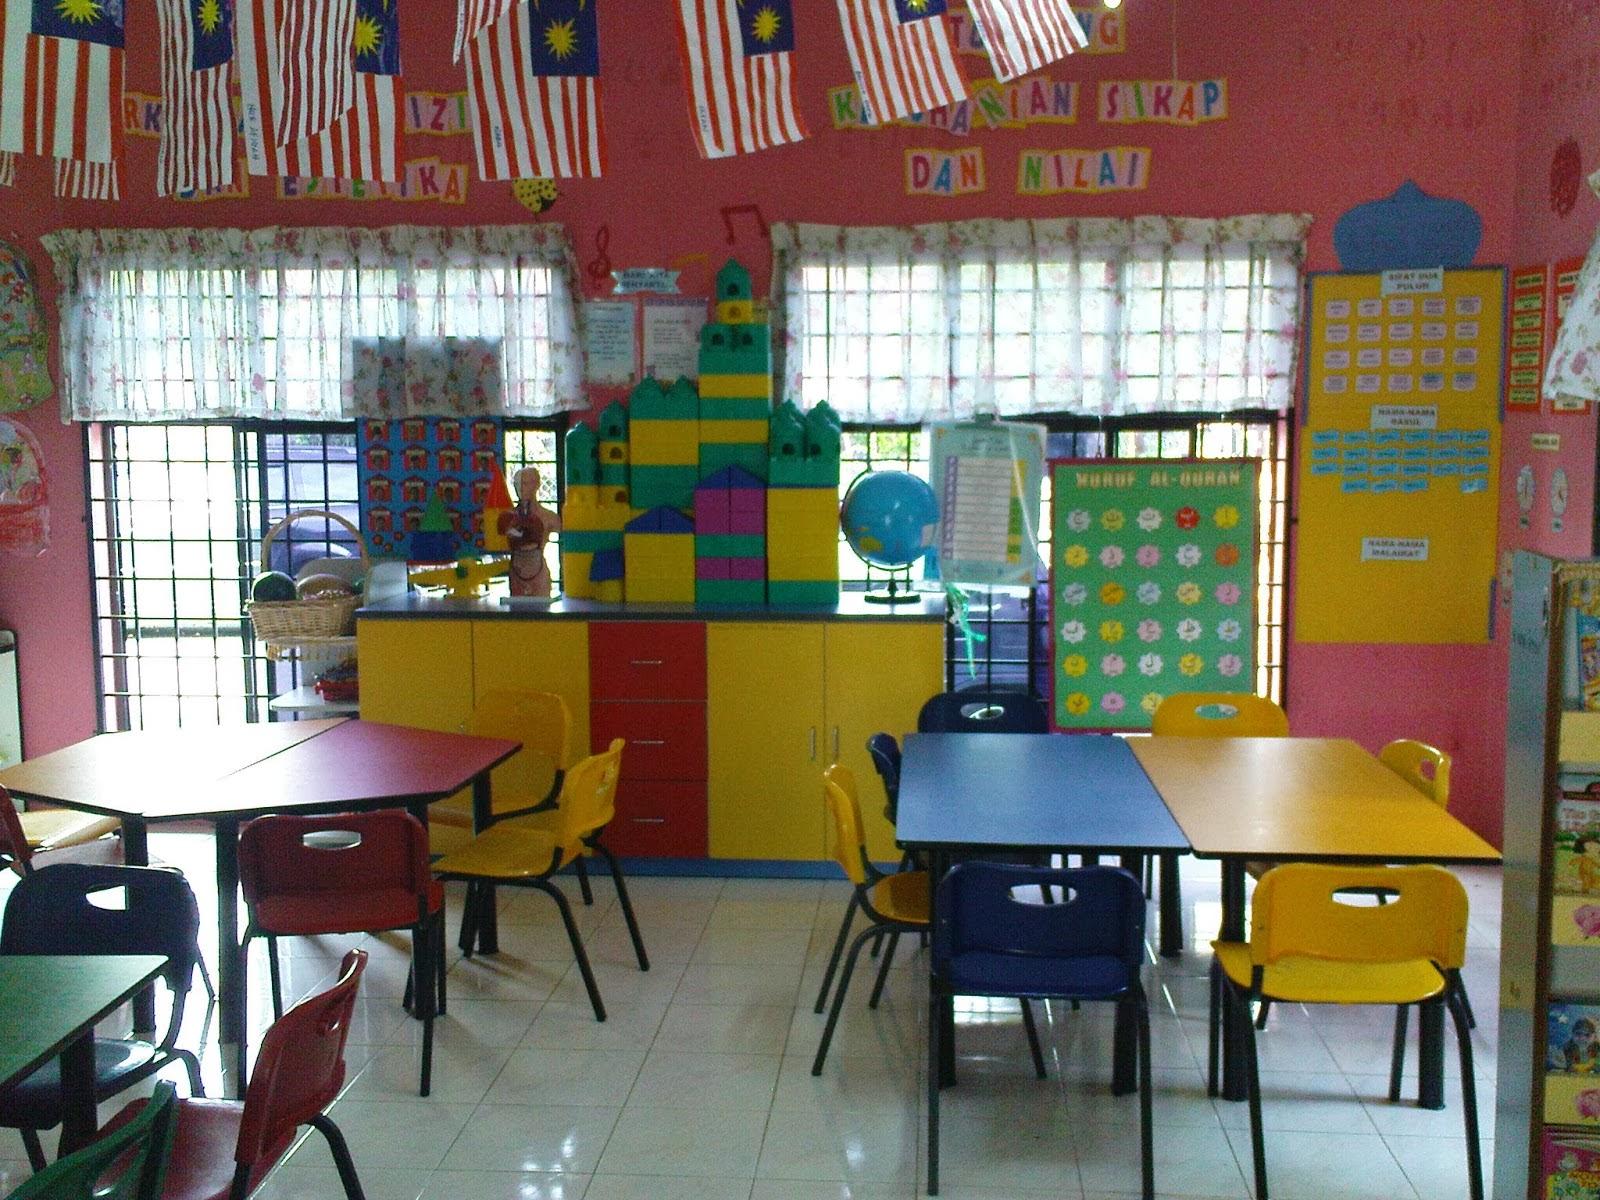 tadika inspira permata Plan Lantai Kelas Tadika Inspira